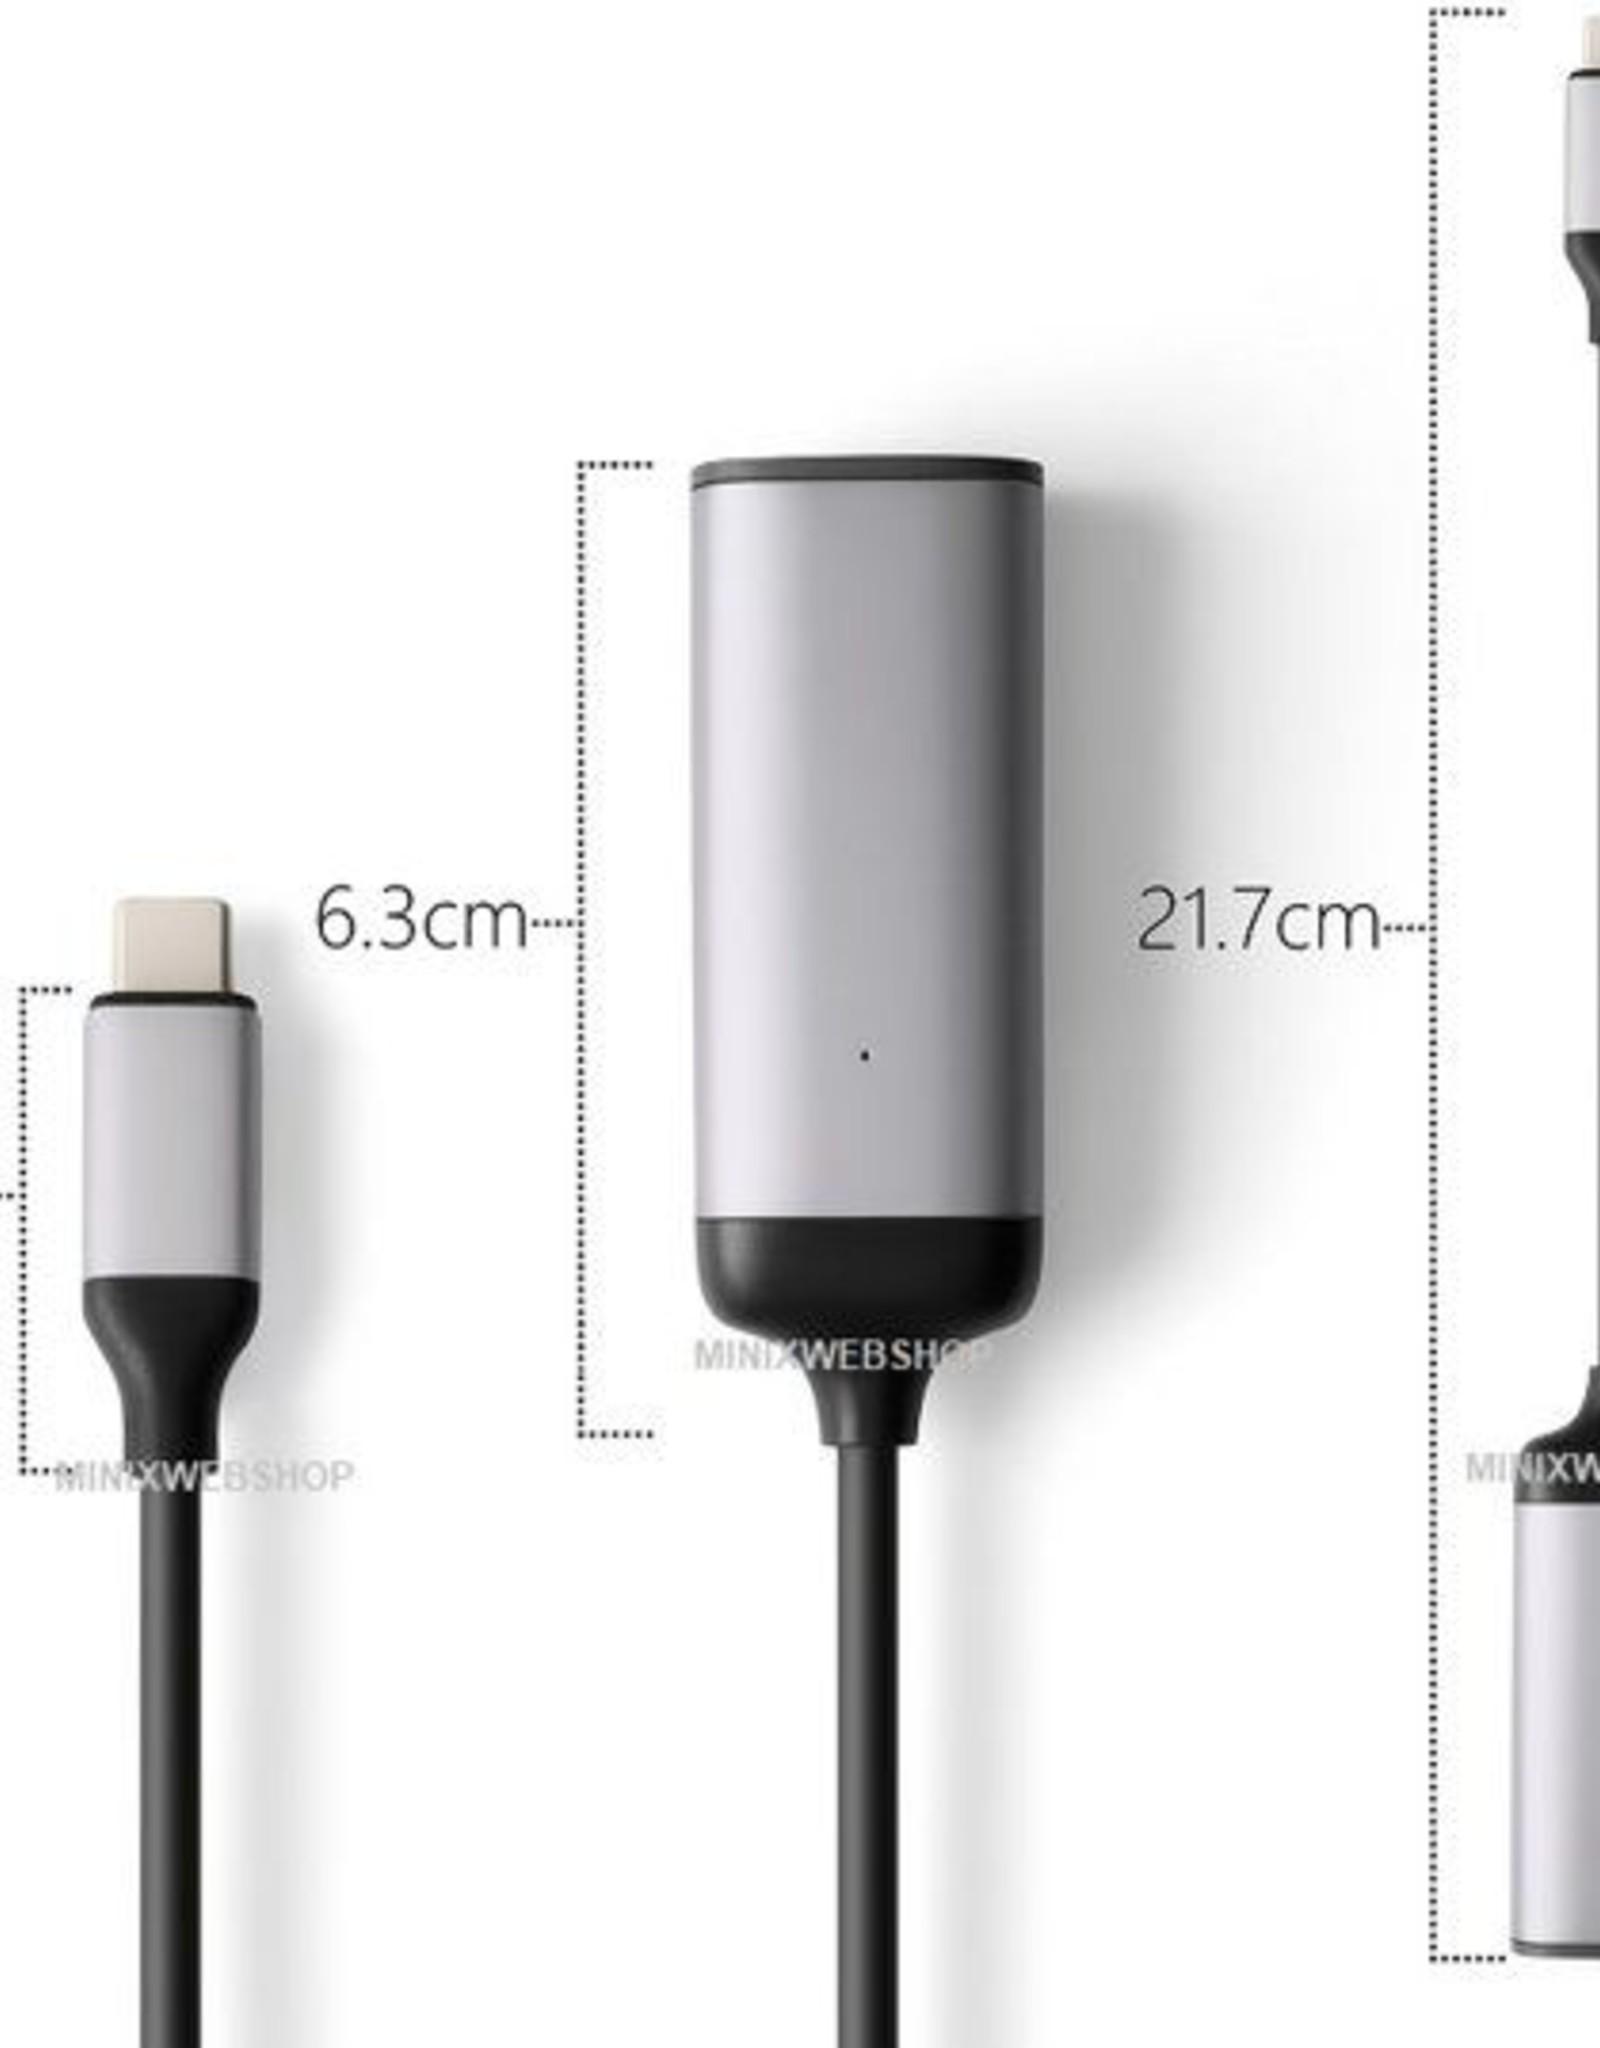 MINIX MINIX NEO-C-EGR USB-C RJ-45 UDB-C naar GigaBit Ethernet adapter Zwart, Grijs kabeladapter/verloopstukje